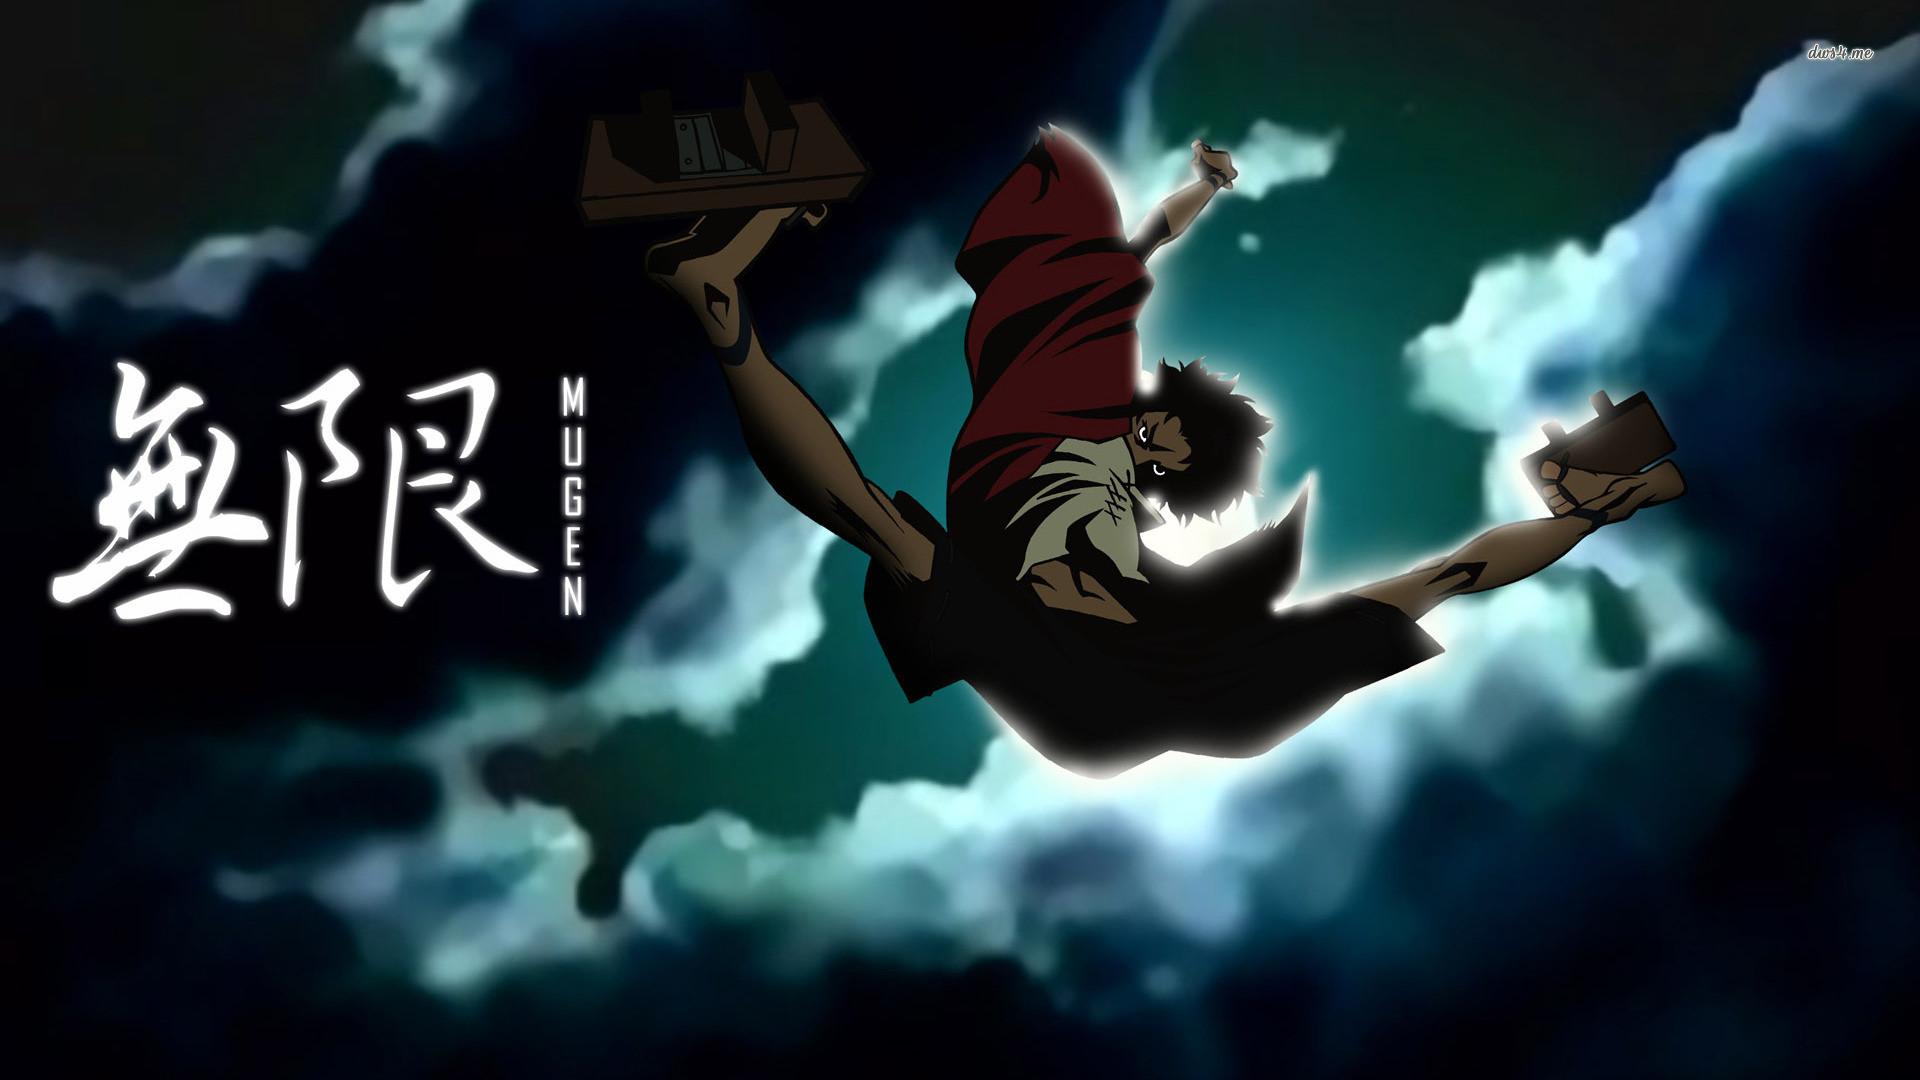 Mugen – Samurai Champloo wallpaper – Anime wallpapers – #30301